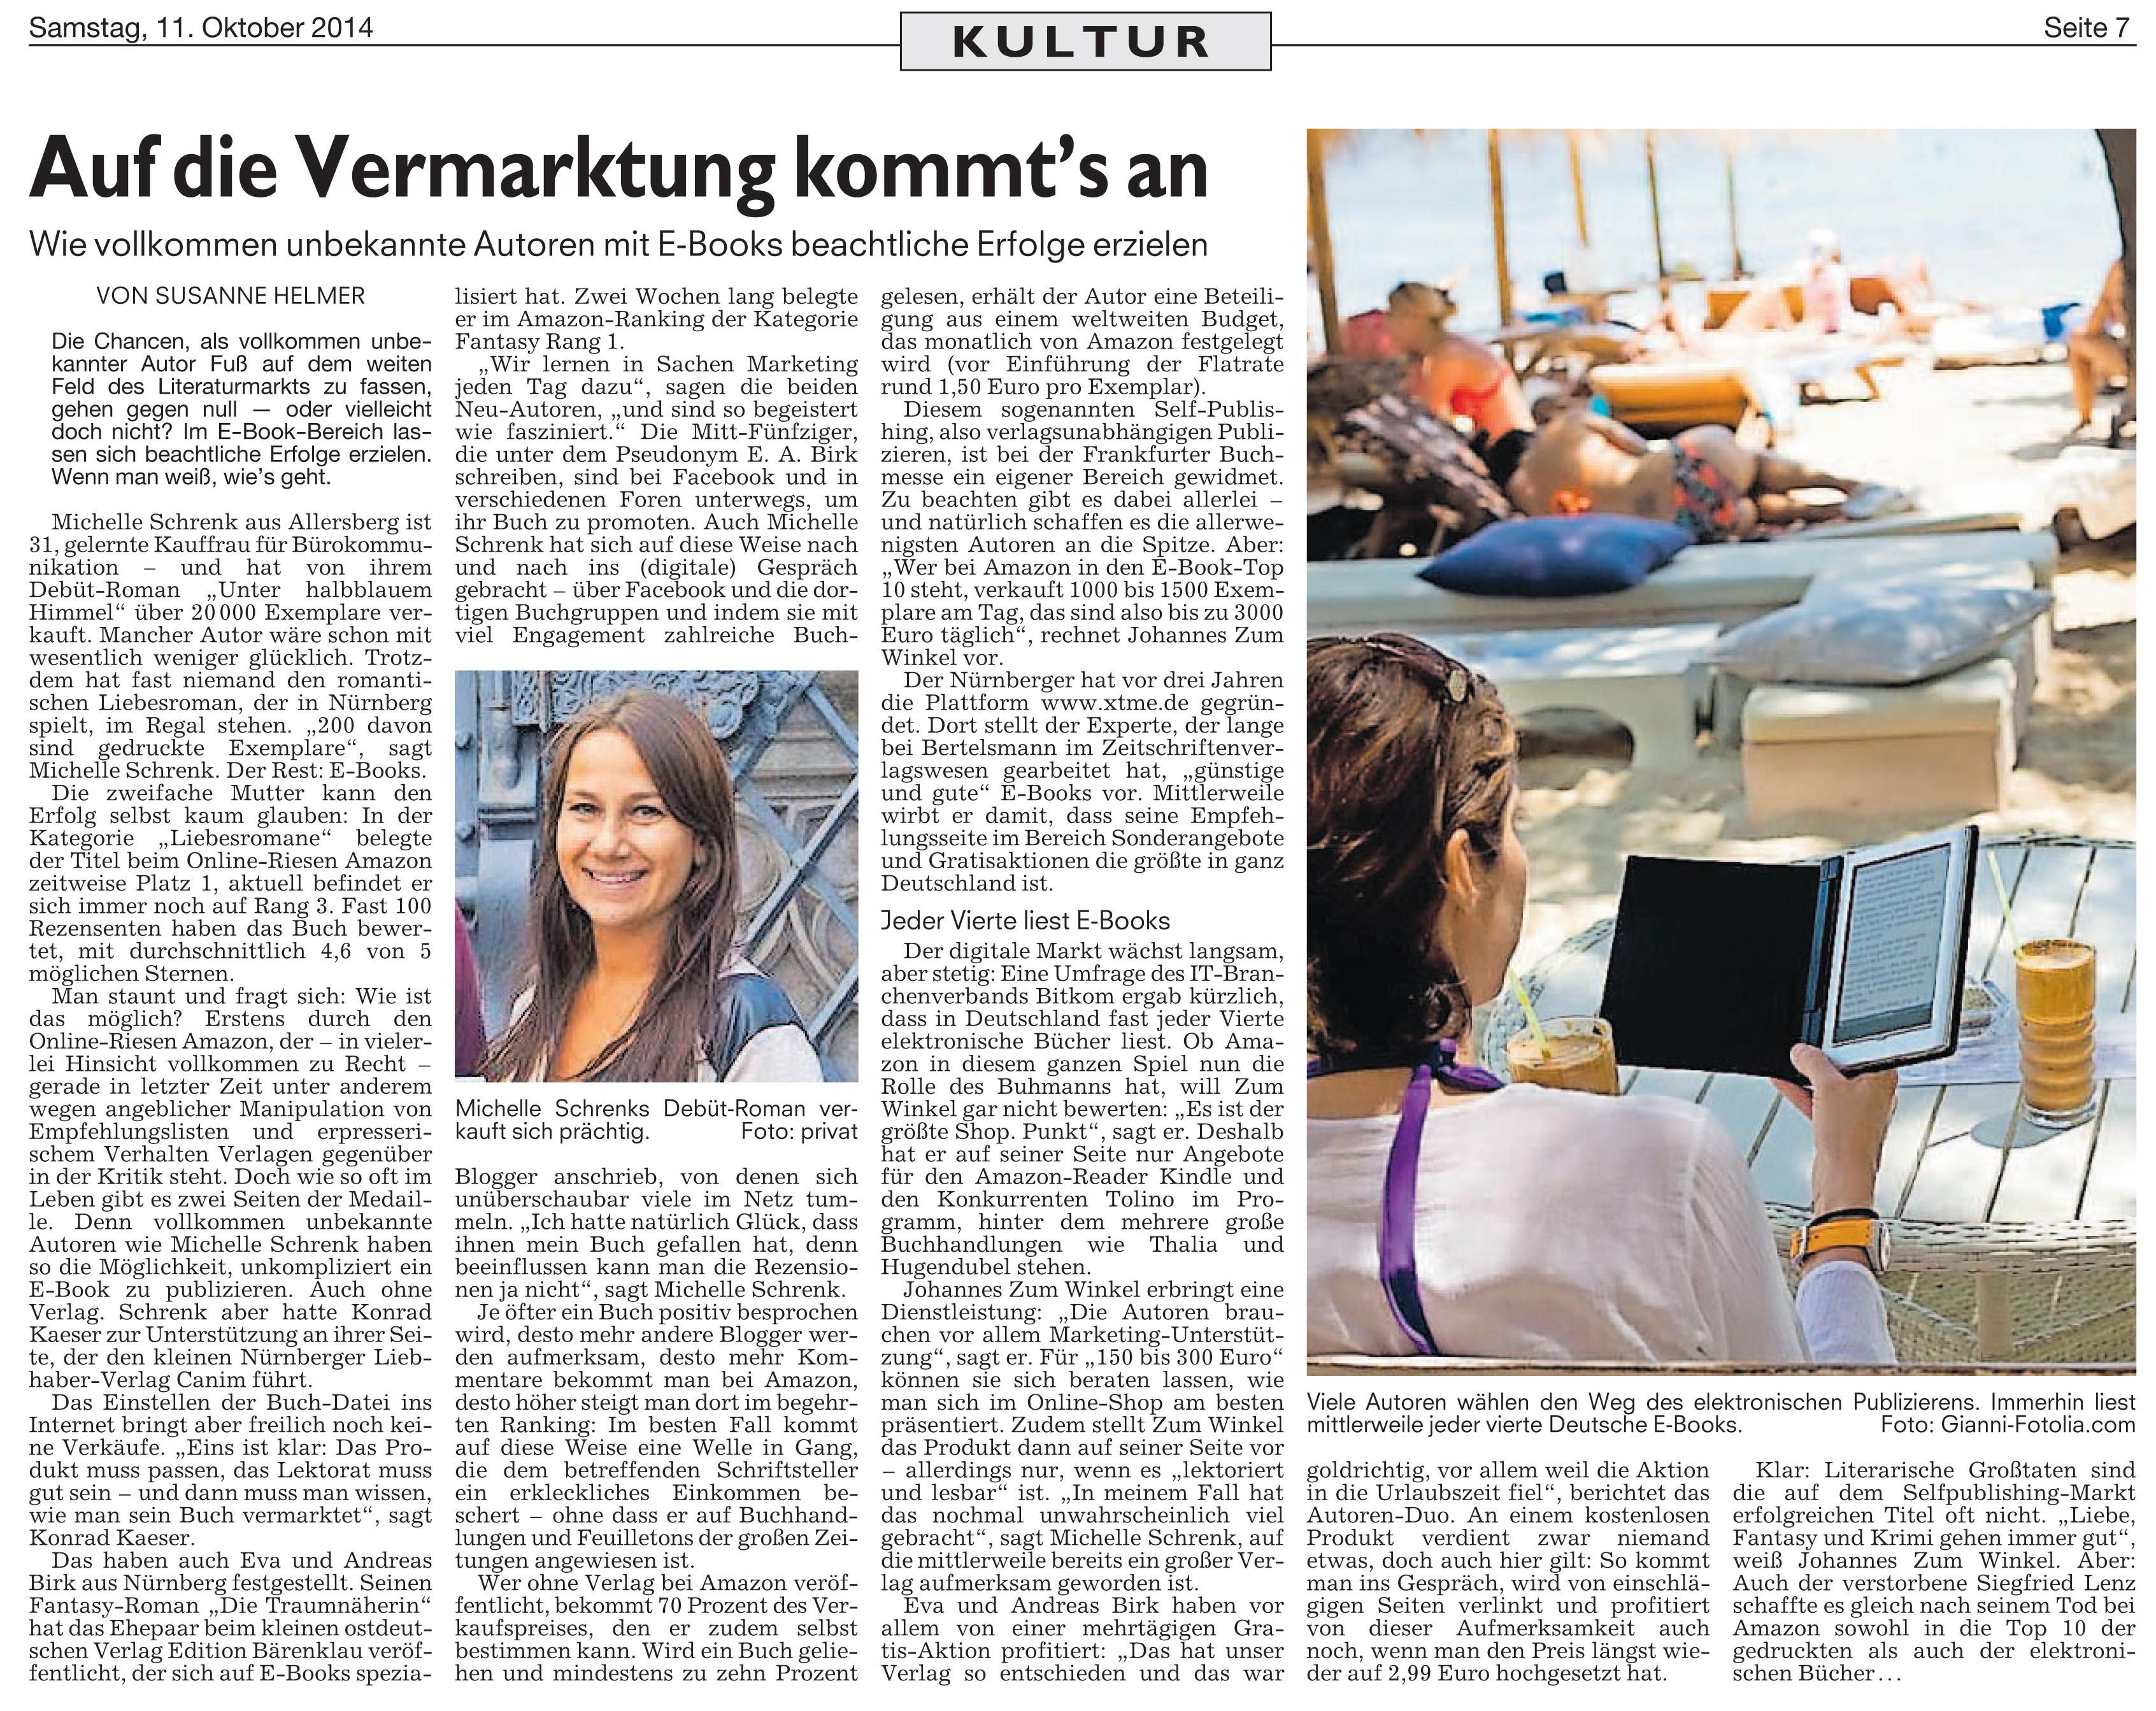 nuernberger_nachrichten_20141011_7